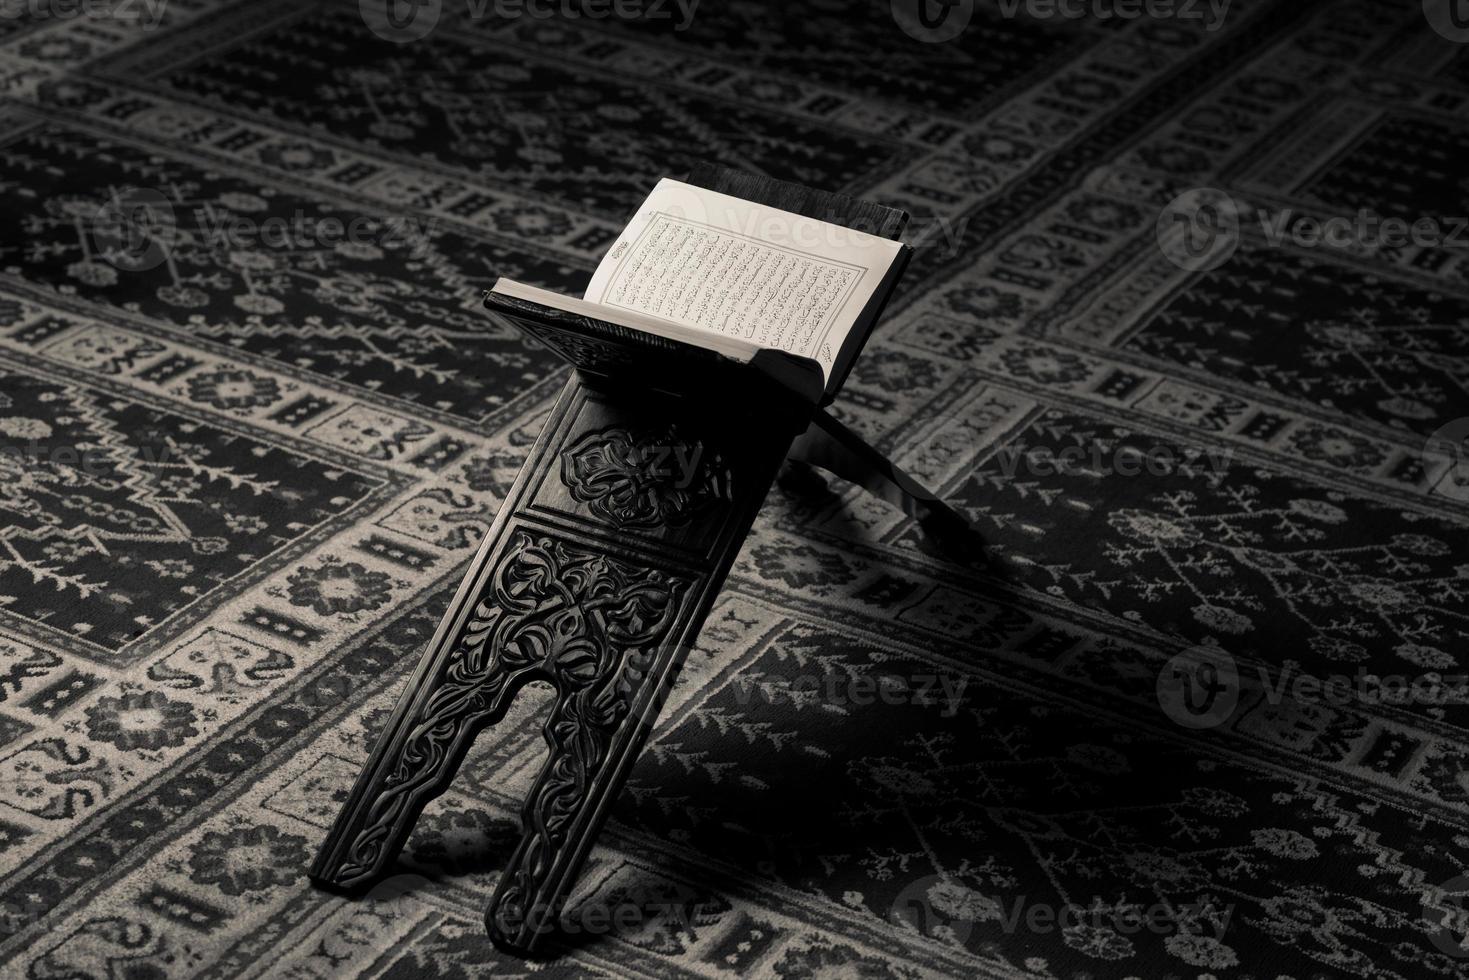 livro sagrado do Alcorão dos muçulmanos na mesquita foto